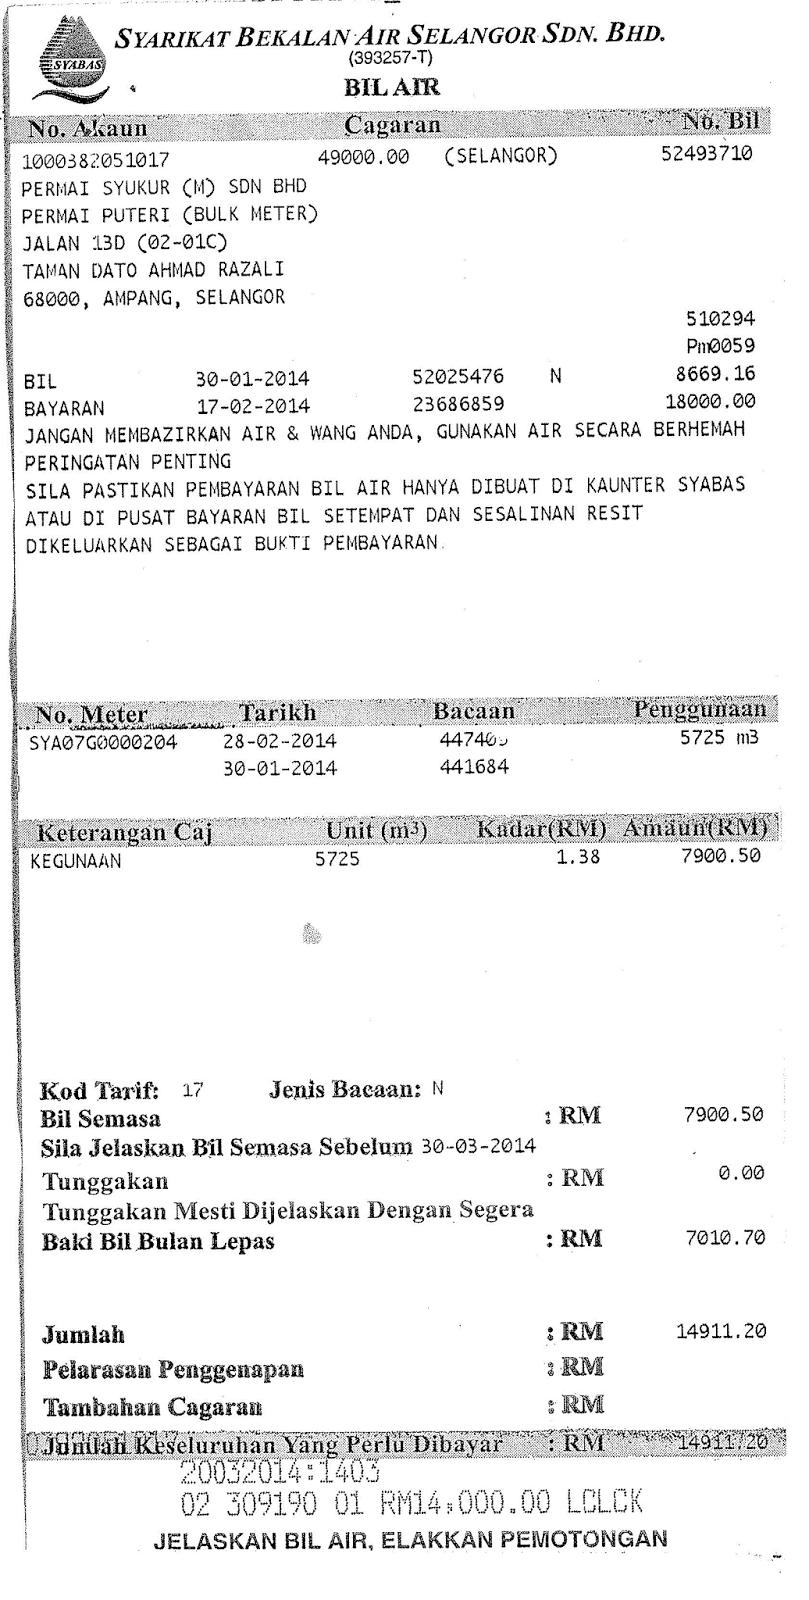 Permai Puteri Pantagraph: February 2014 Syabas Bill